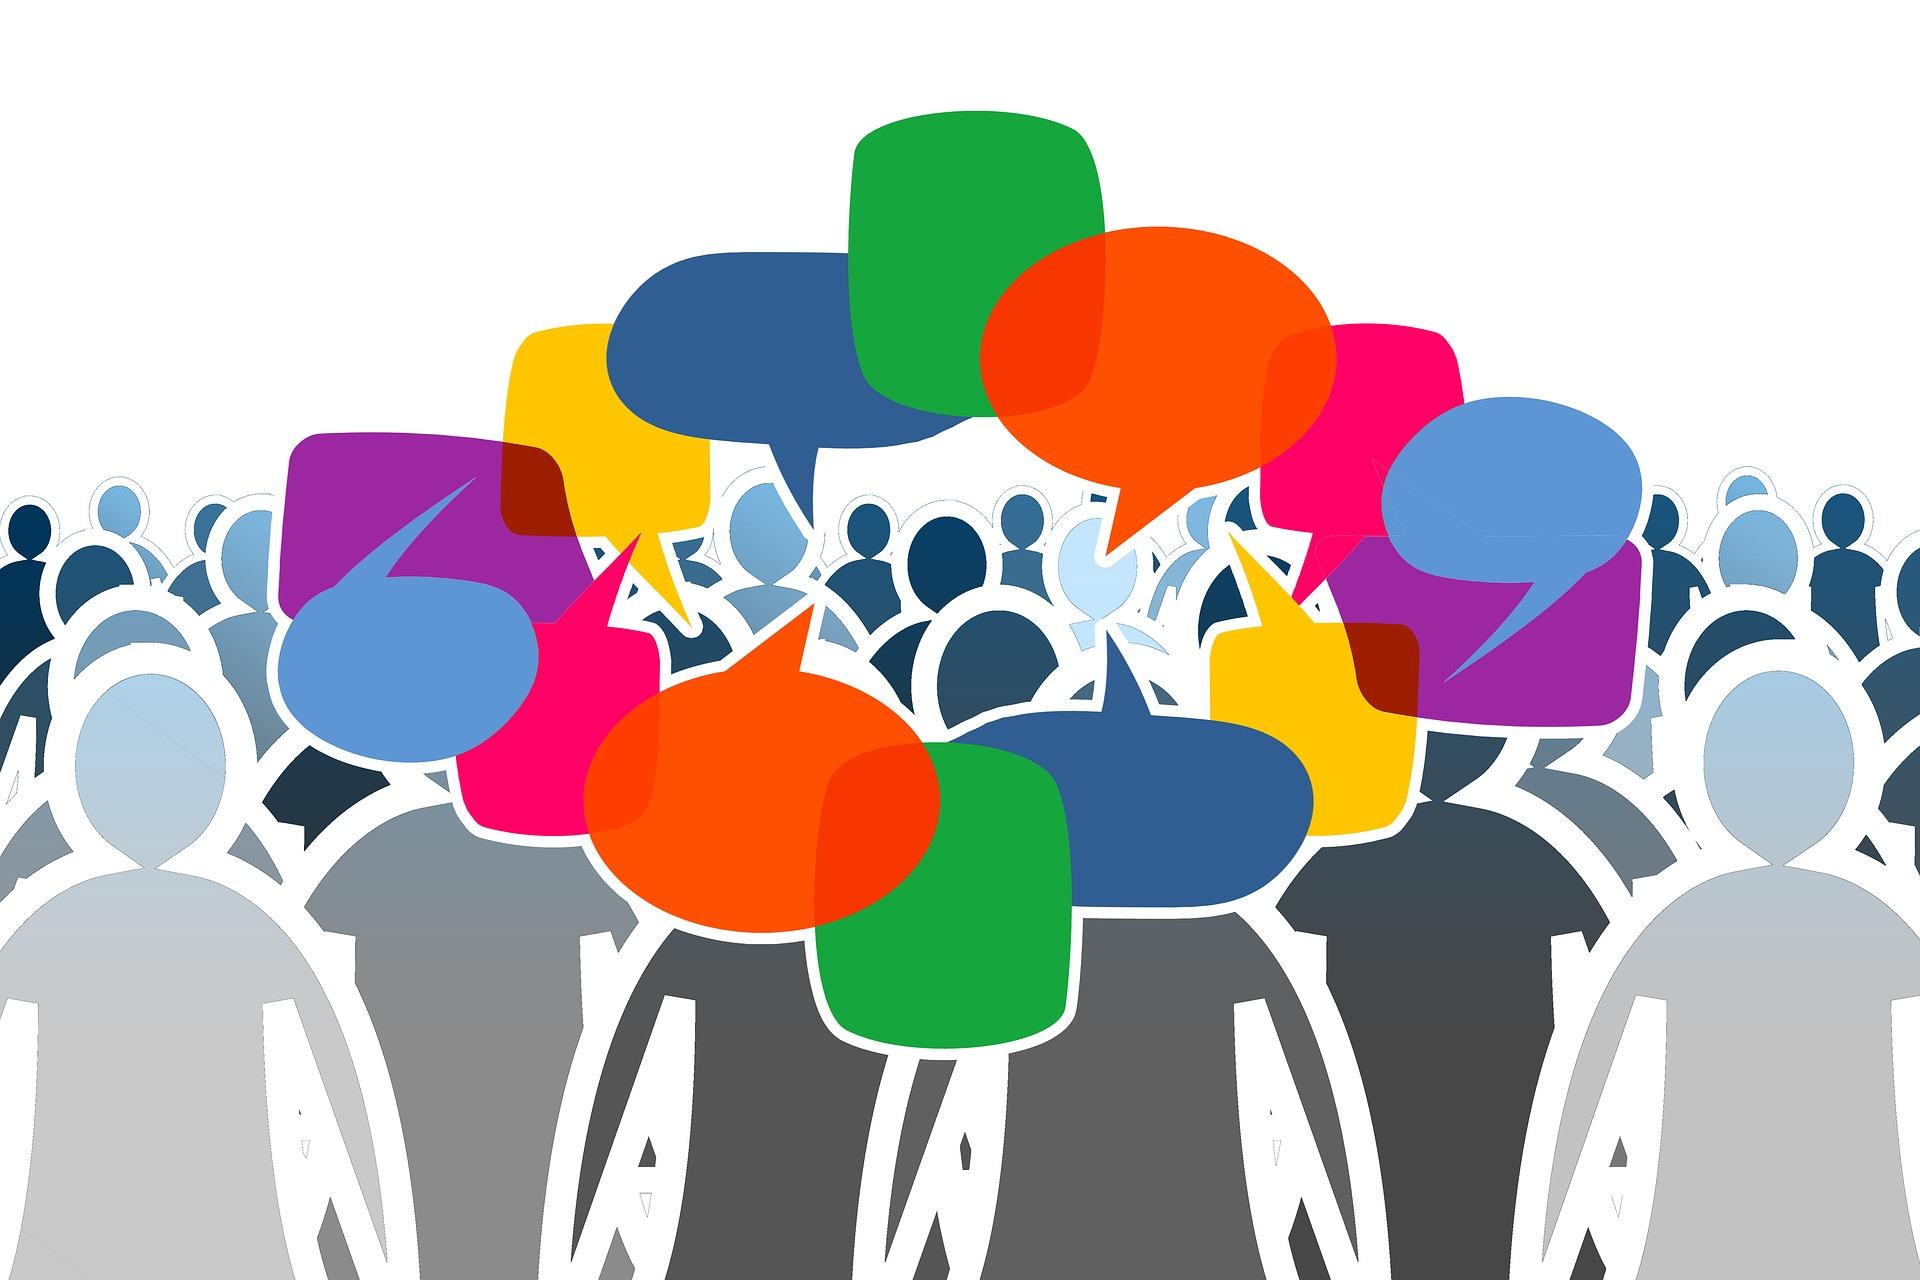 УВАГА! НОВА МЕДІАШКОЛА!  Як розповідати про доступ до виборчих та політичних процесів окремих соціальних груп і чому це важливо?